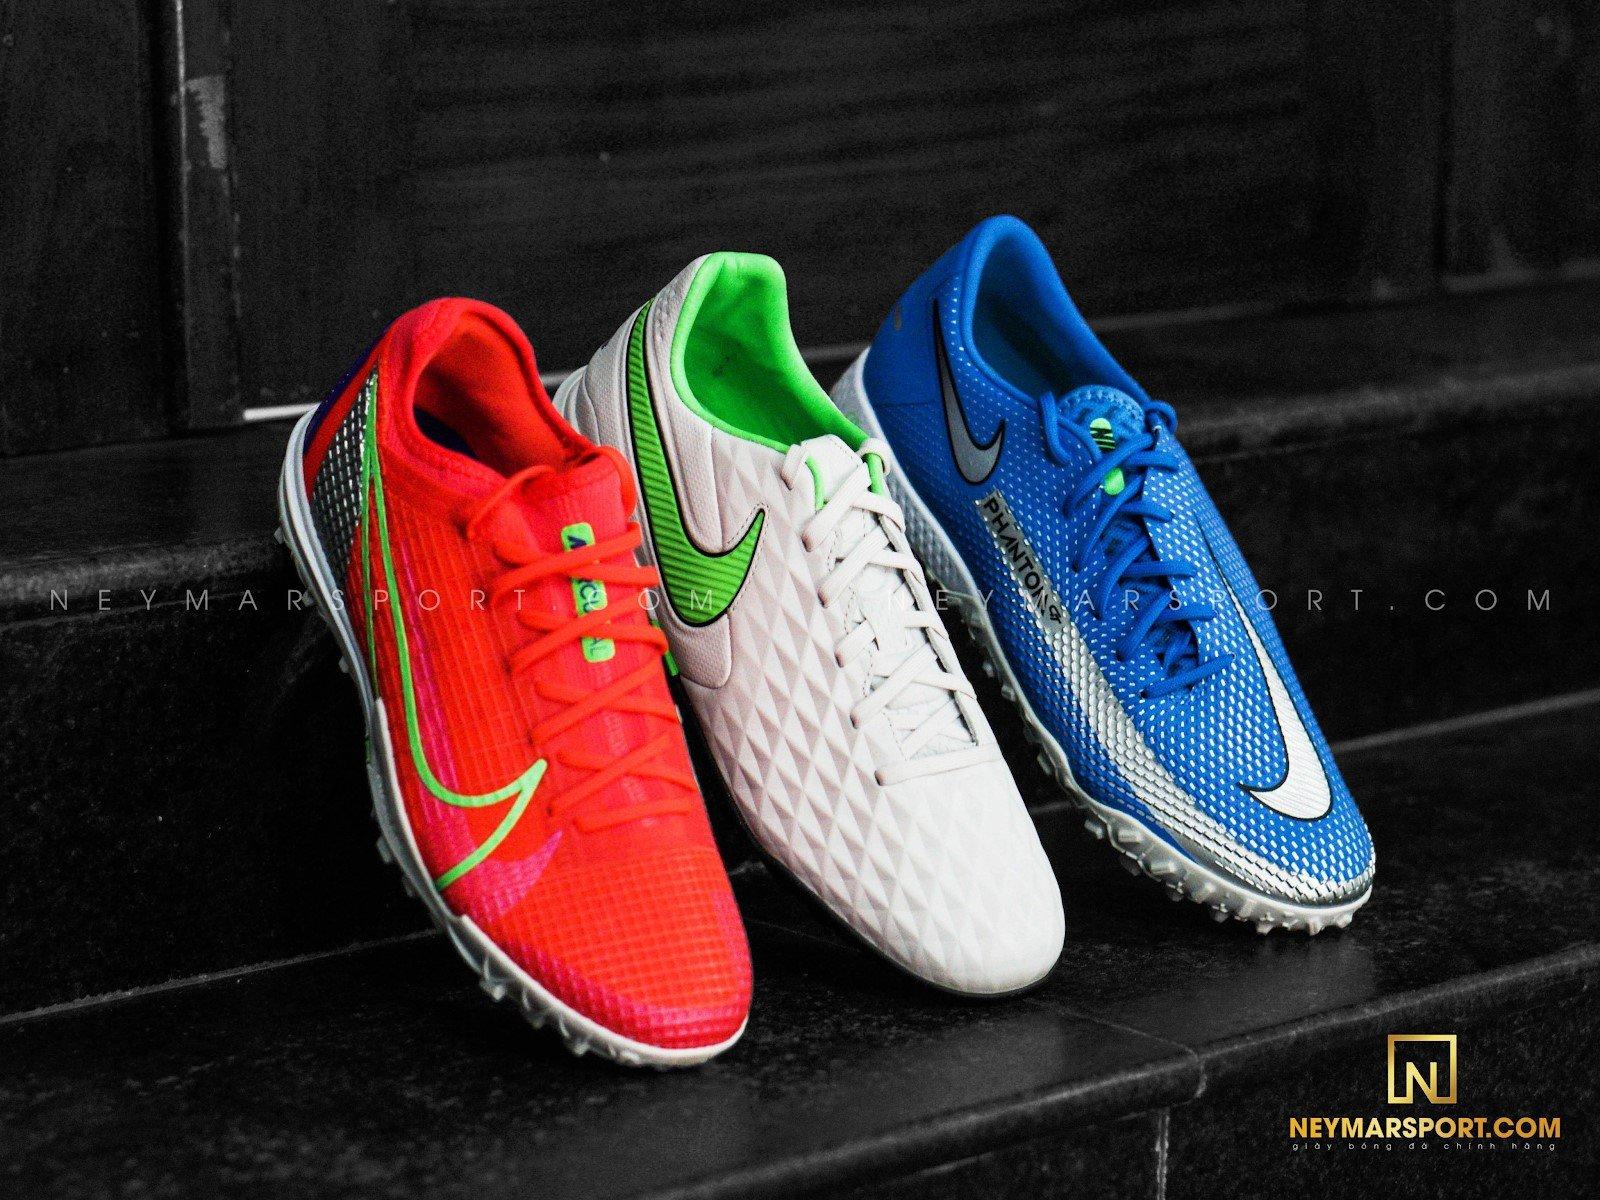 Khám phá bộ sưu tập giày cỏ nhân tạo Nike Spectrum Pack Hot nhất tại Neymarsport